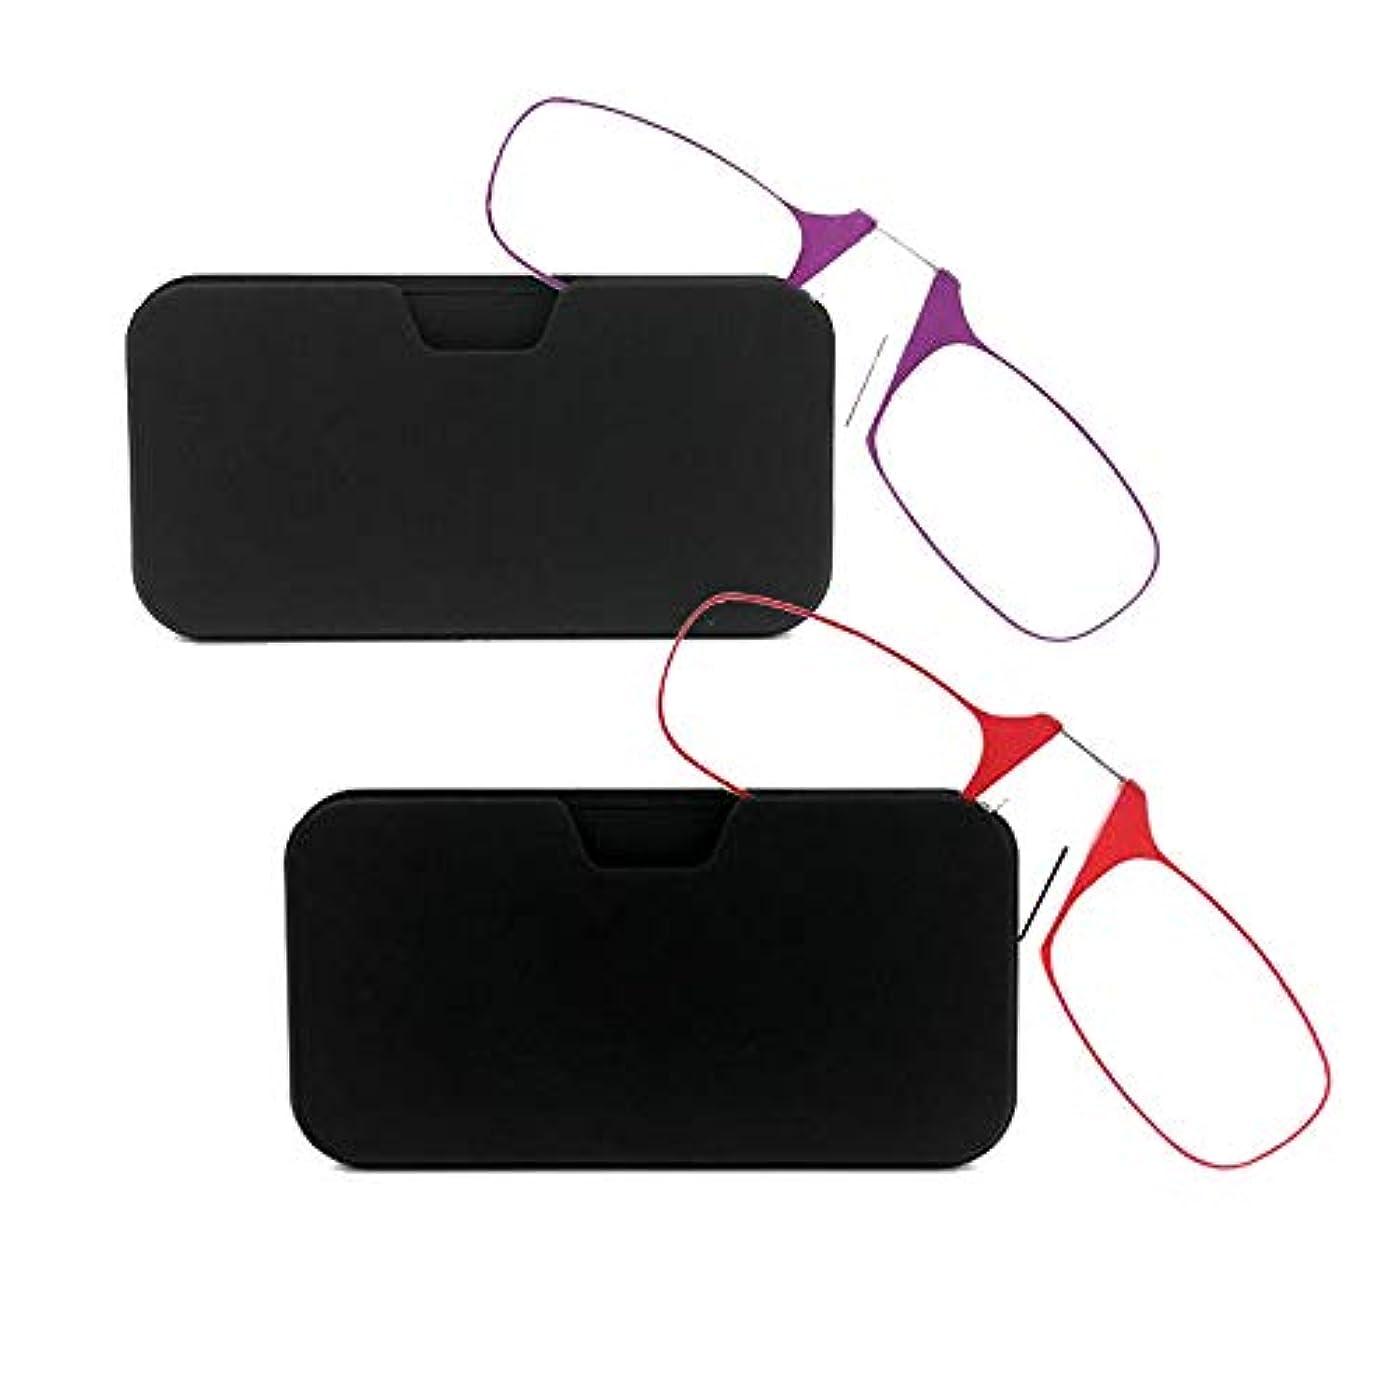 ポータブル老眼鏡、2ペア超軽量ミニノーズクリップファッションリーダーと両親のためのクリスタルクリアビジョン,Redpurple,3.0